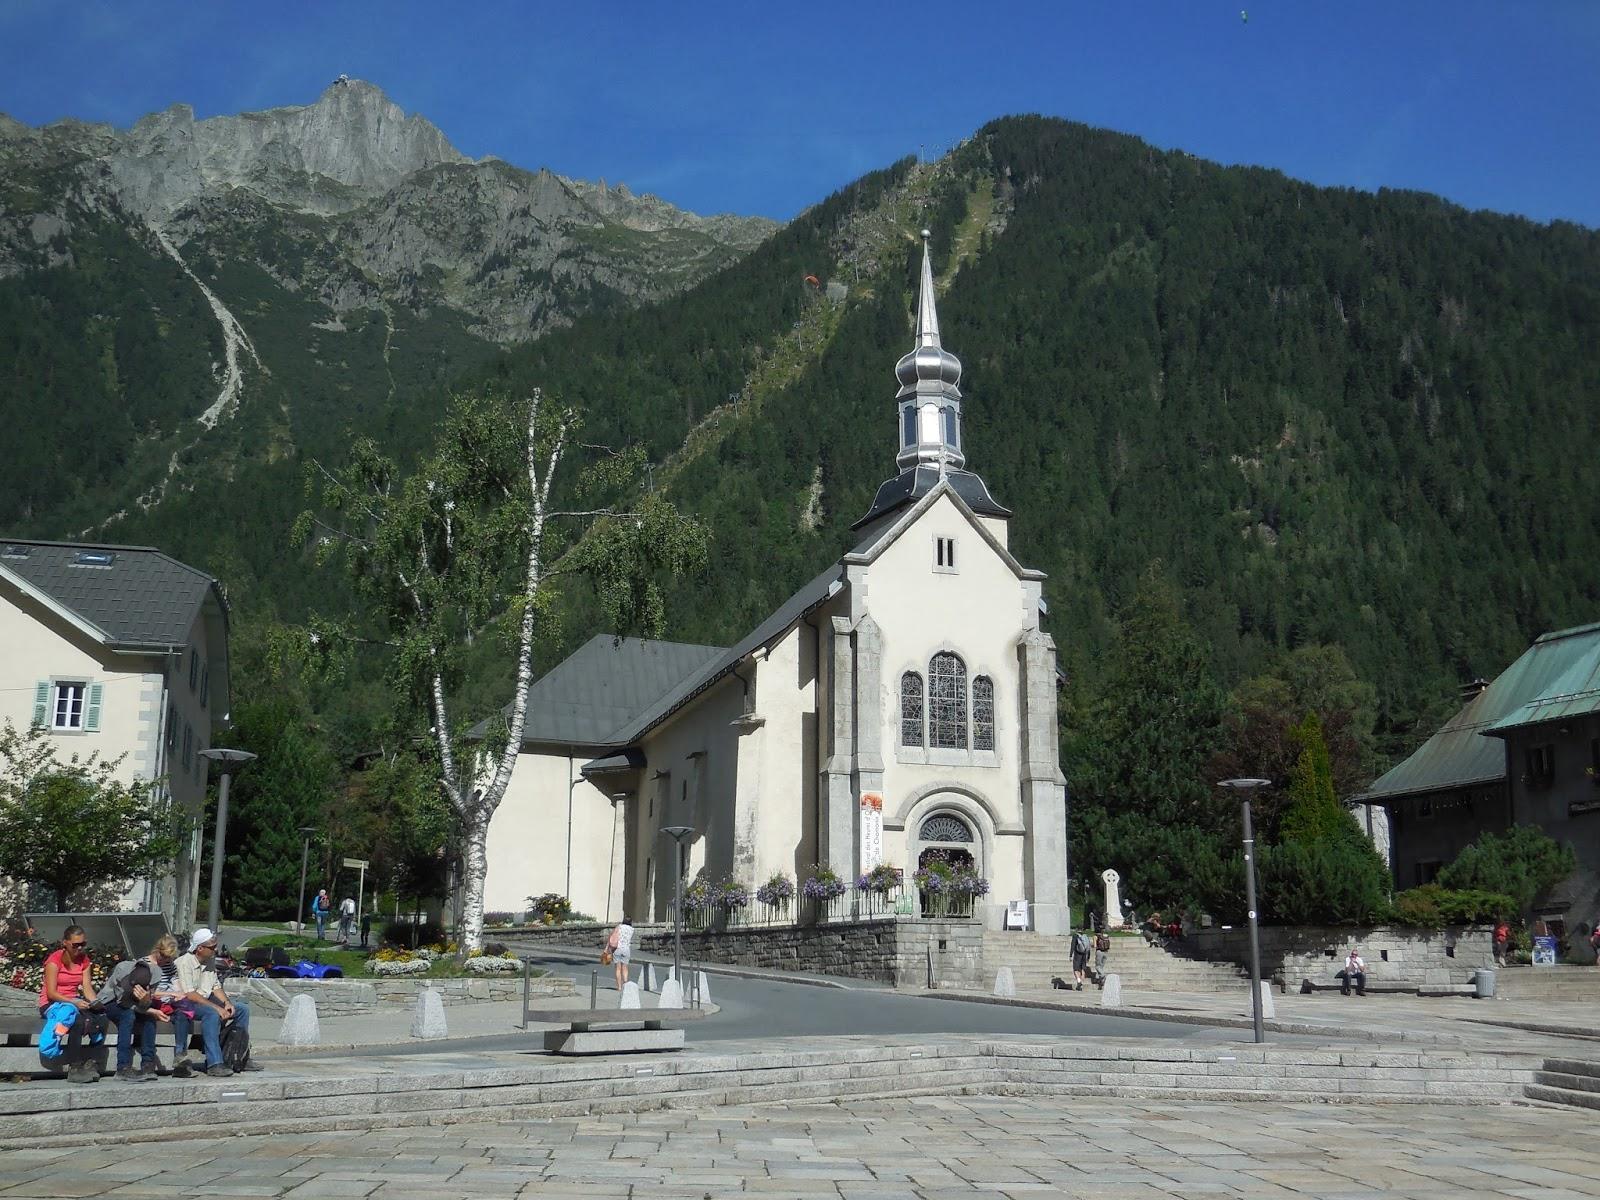 Très bien Dans un monde où règnerait l'harmonie: Eglise Saint Michel à #EI_63